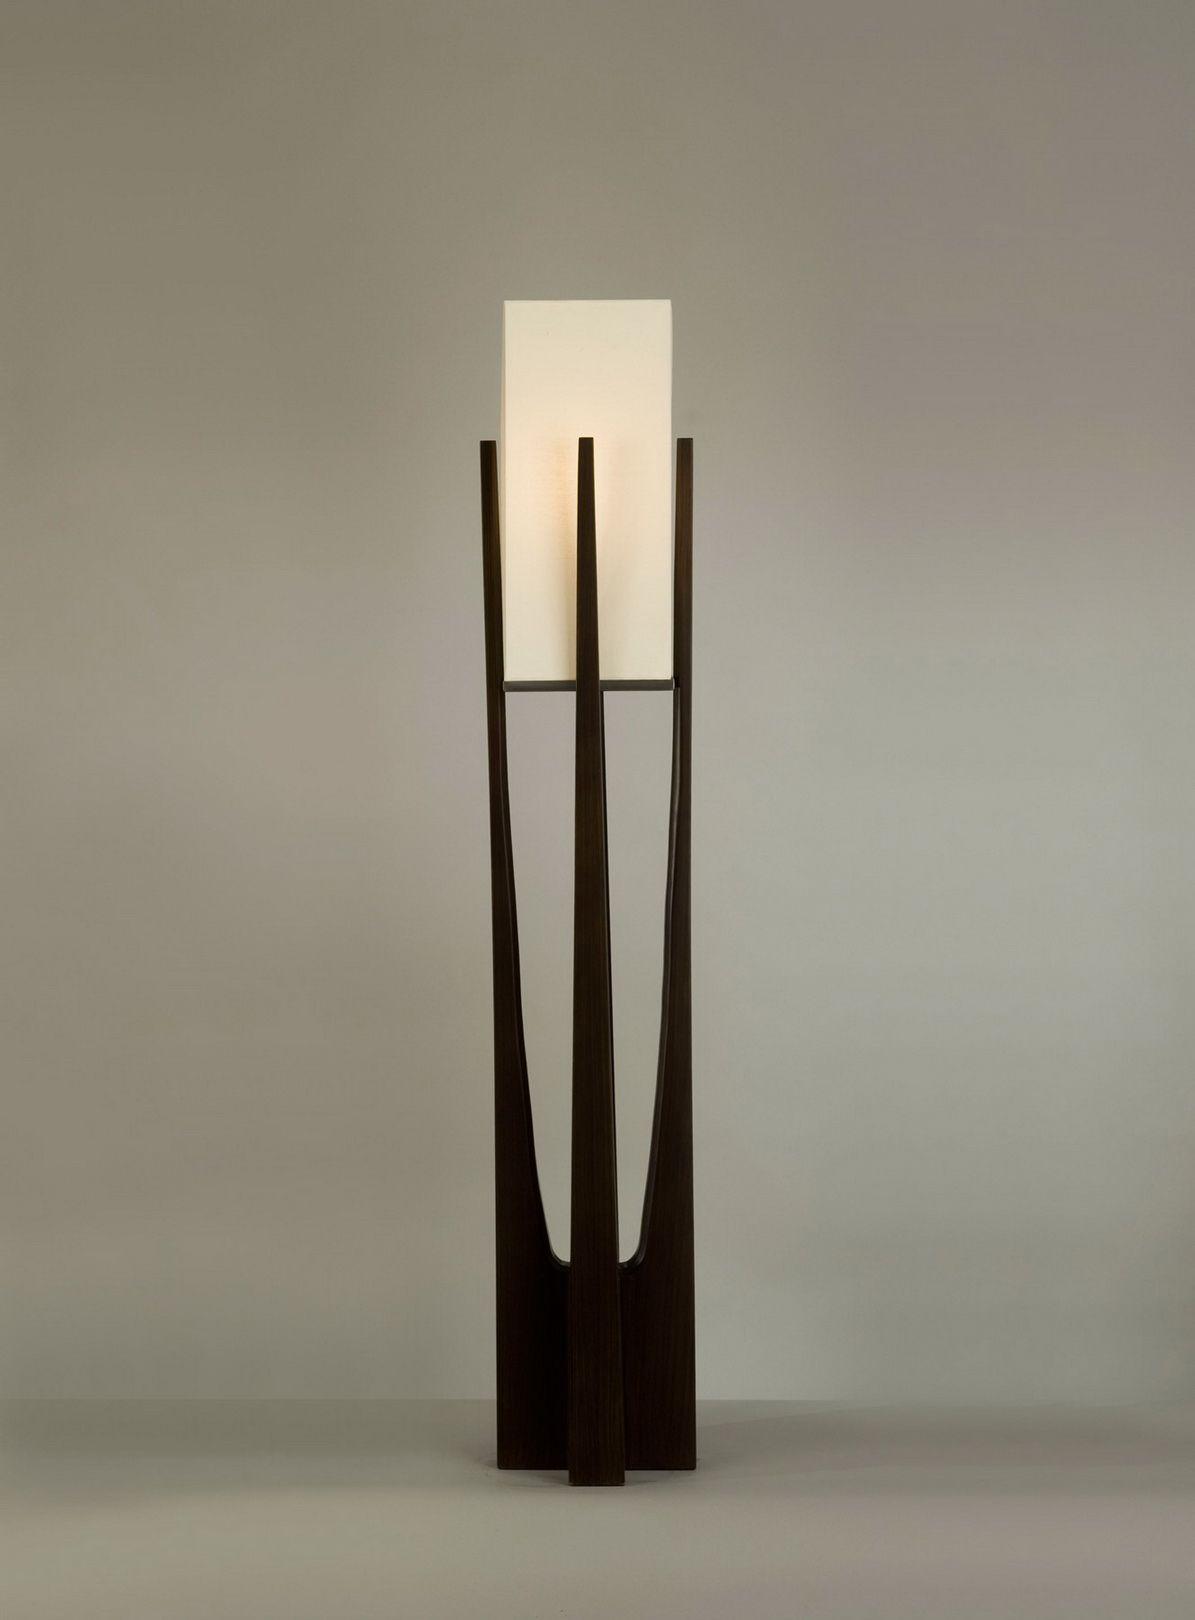 unusual lighting fixtures. Unusual Floor Lamps - Google Search Lighting Fixtures T